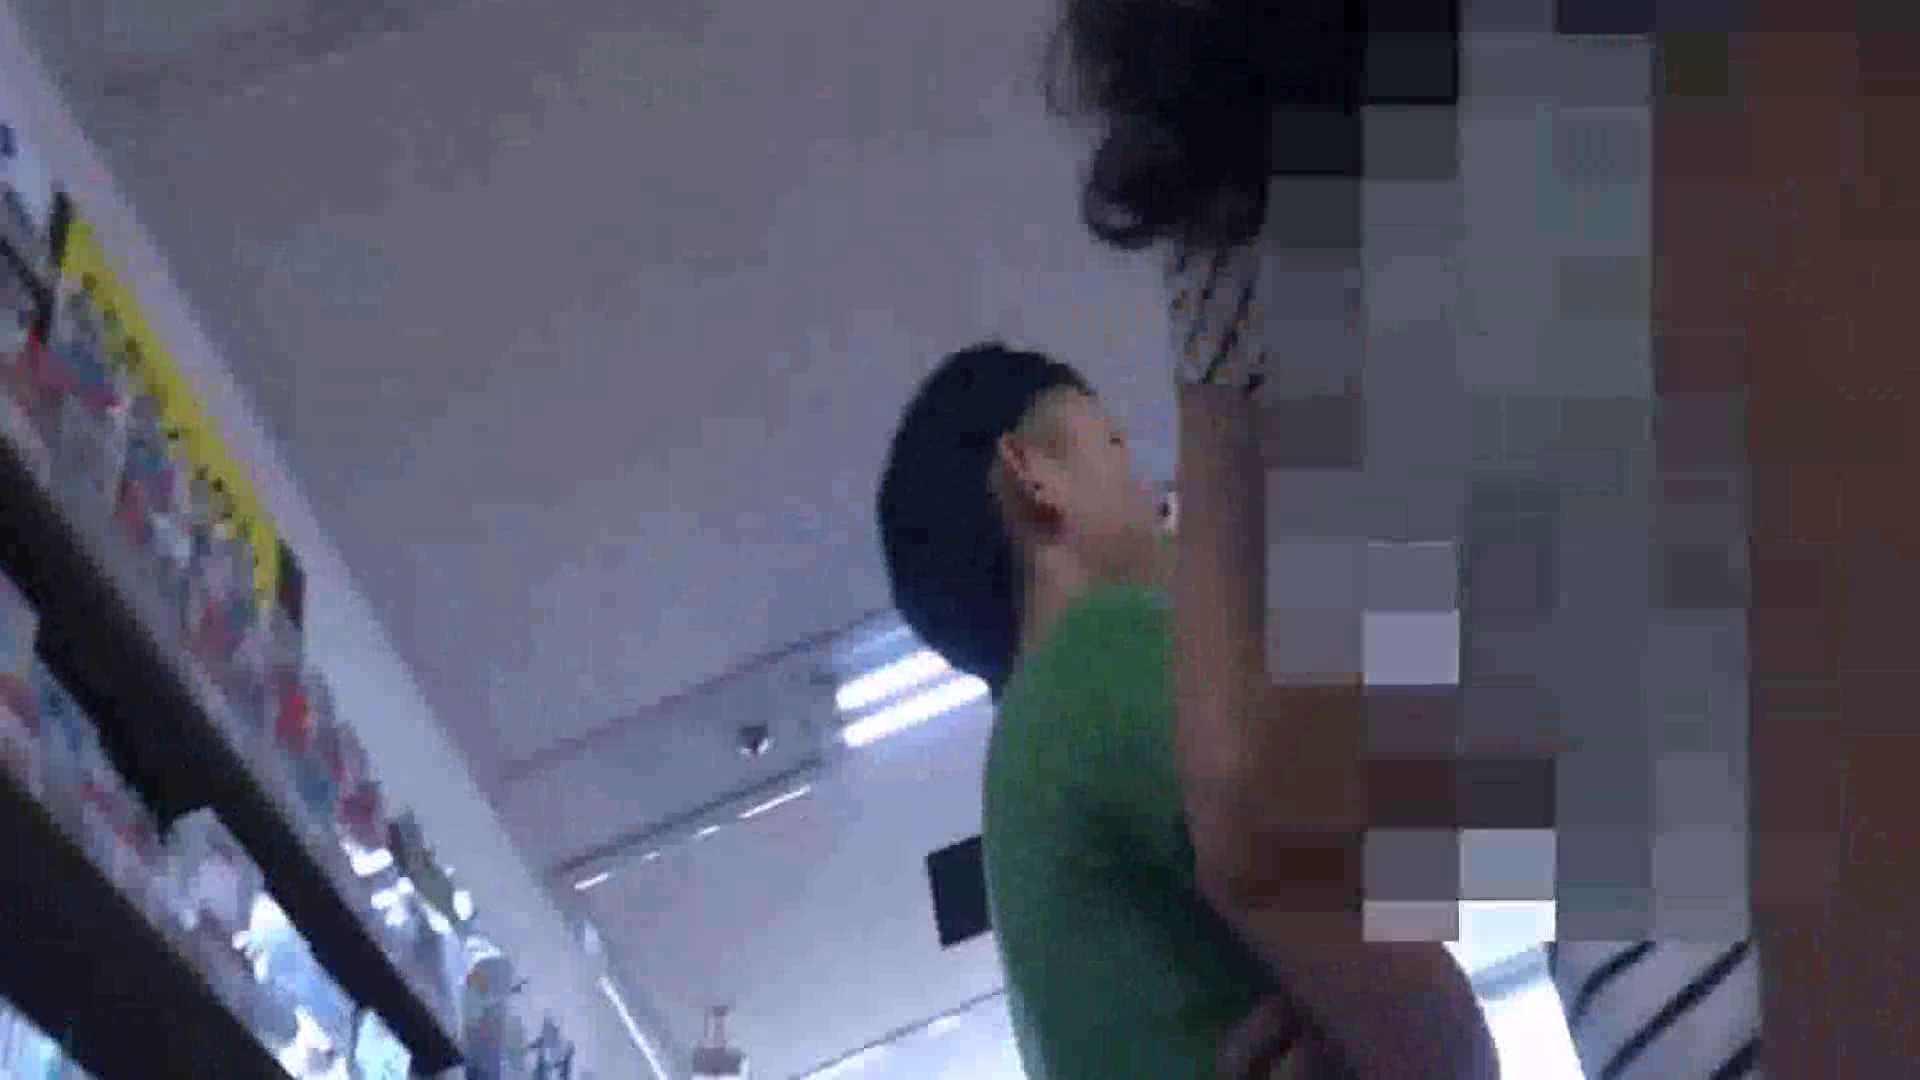 真剣に買い物中のgal達を上から下から狙います。vol.01 OLヌード天国  77PIX 48